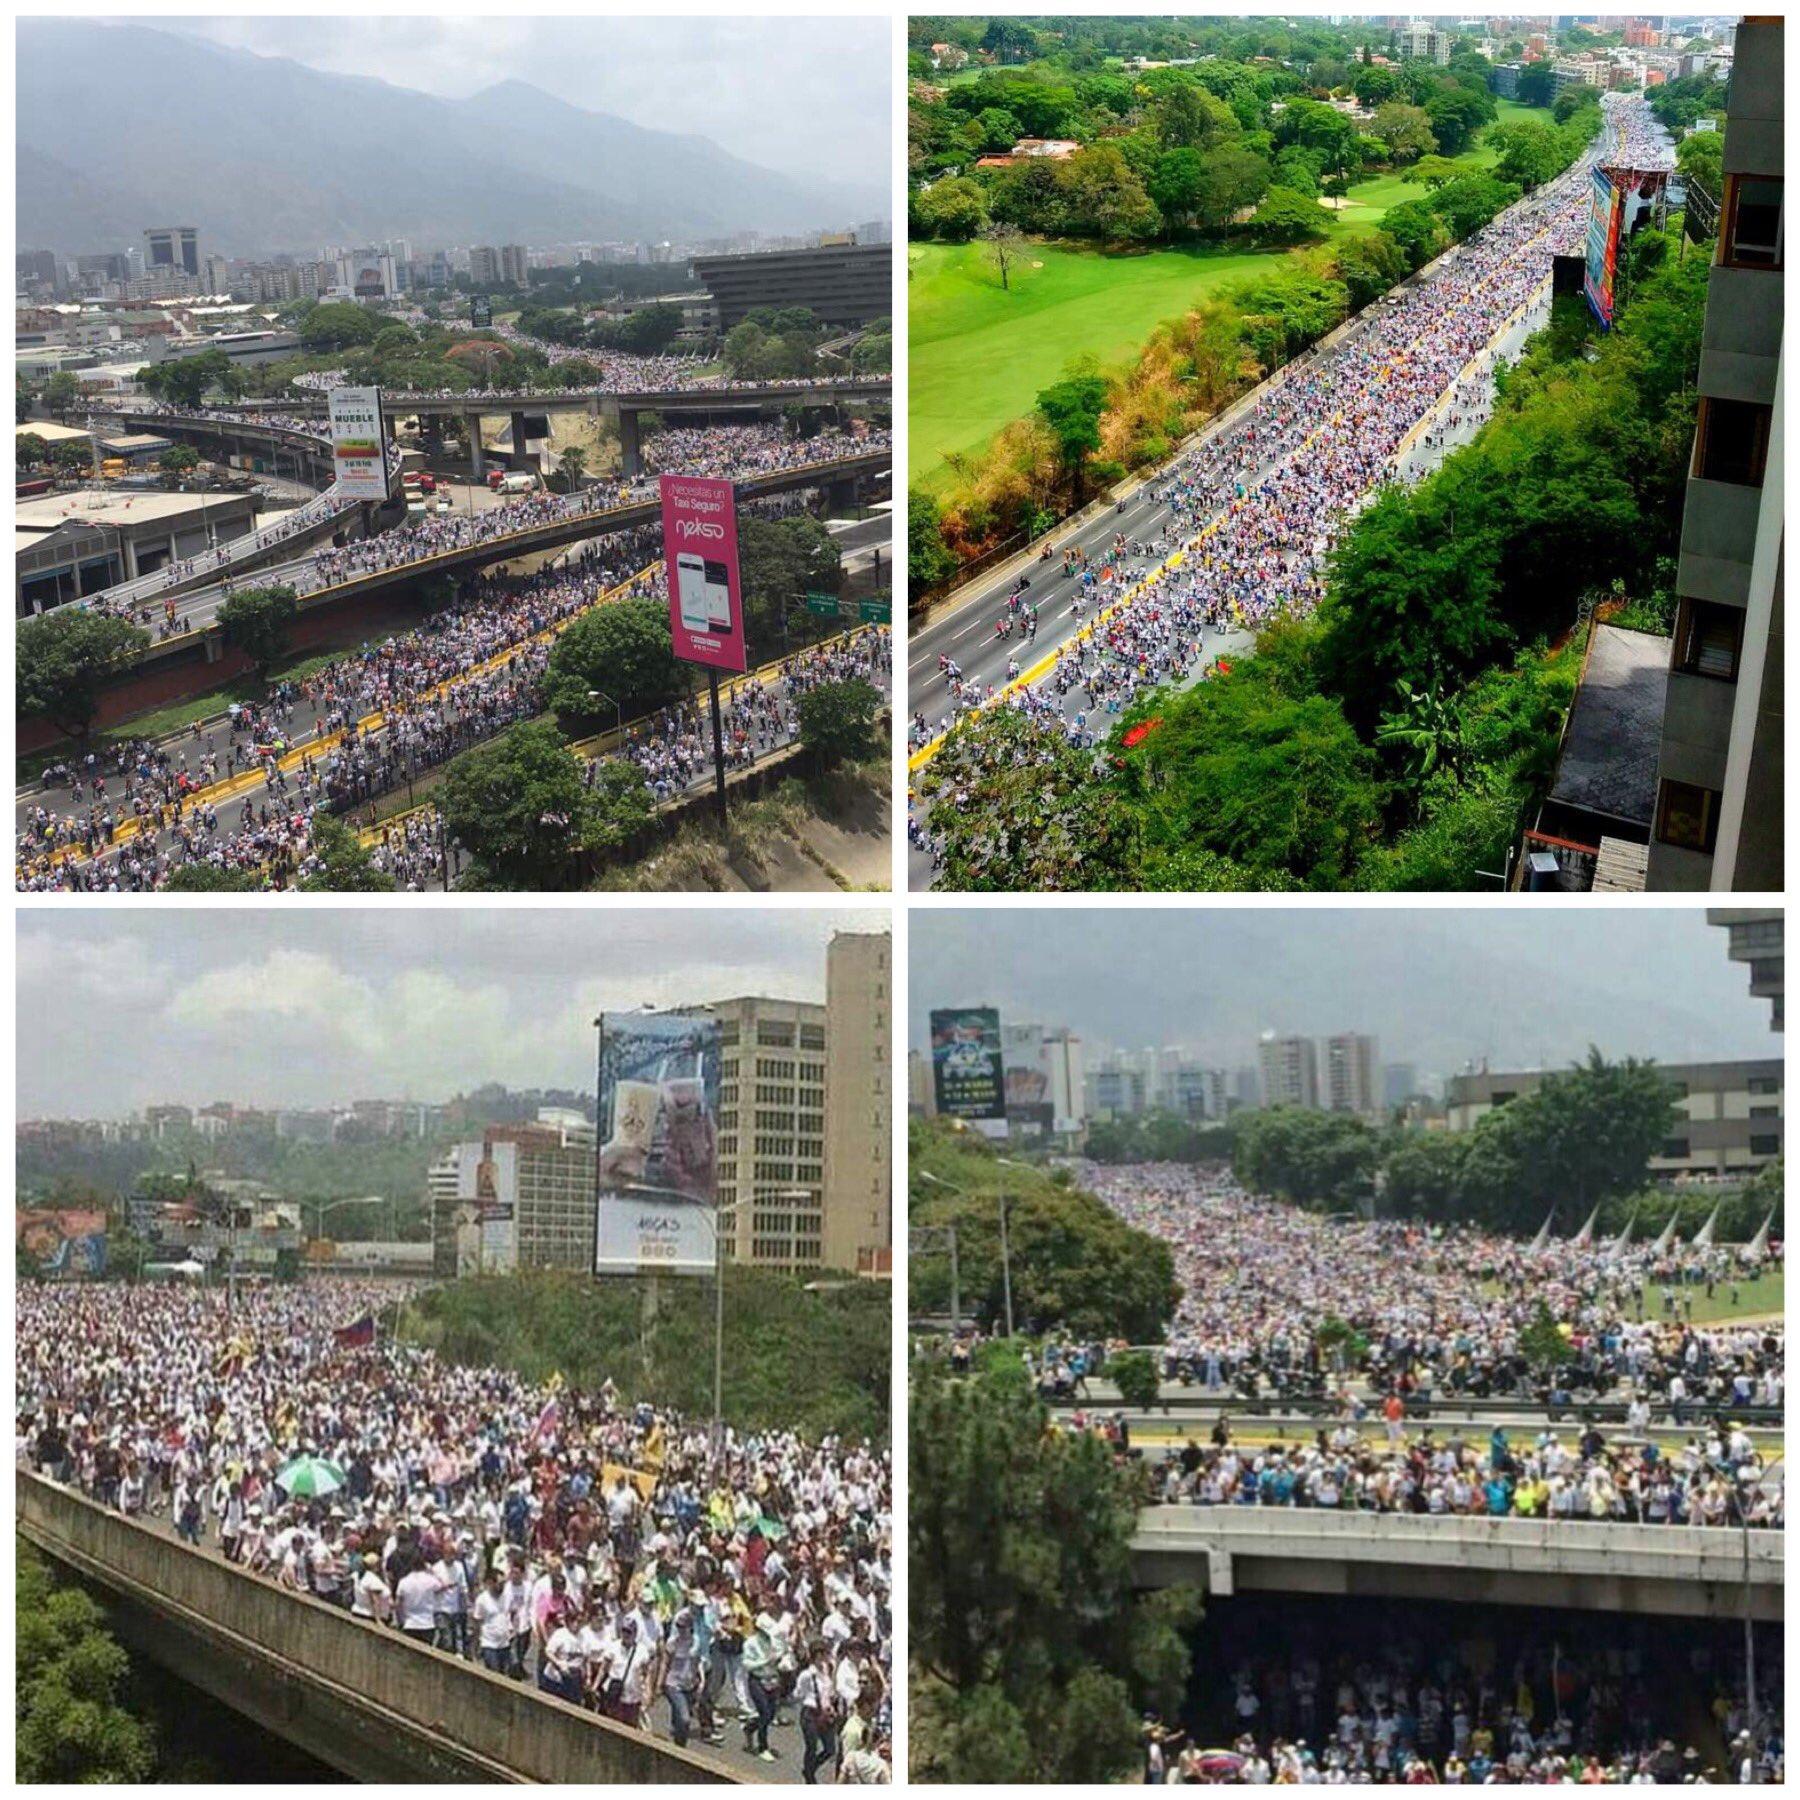 Así lucen hoy las calles de #Venezuela  Un torrente incontenible de personas clamando democracia, paz https://t.co/Pijx4bzpaM